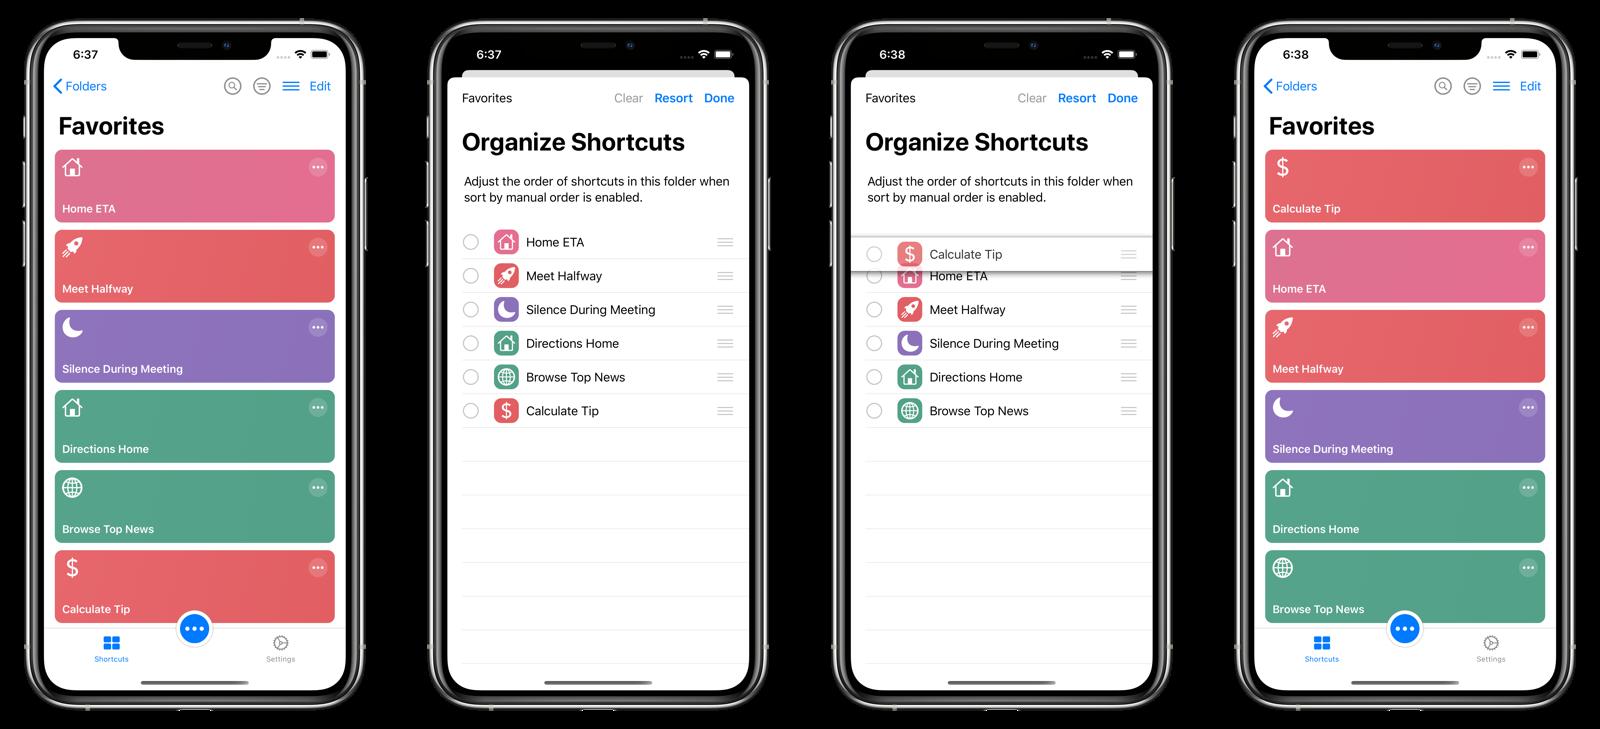 Manual sorting of shortcuts